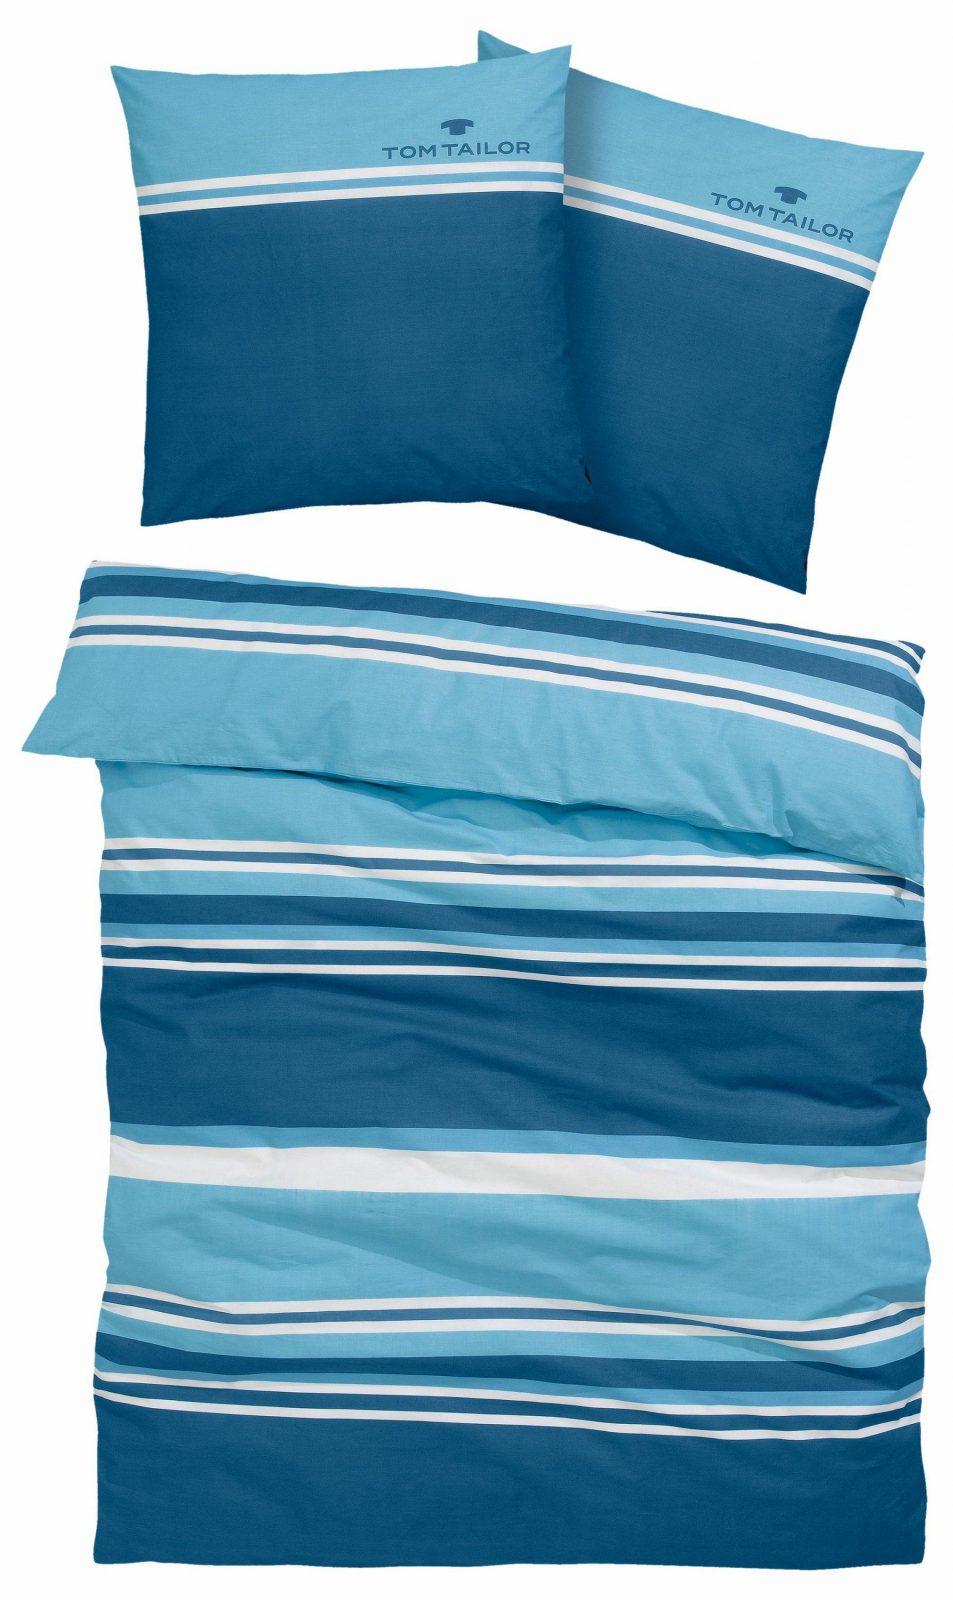 Bettwäsche Jun Tom Tailor Bestellen  Baur von Tom Tailor Bettwäsche Reduziert Photo